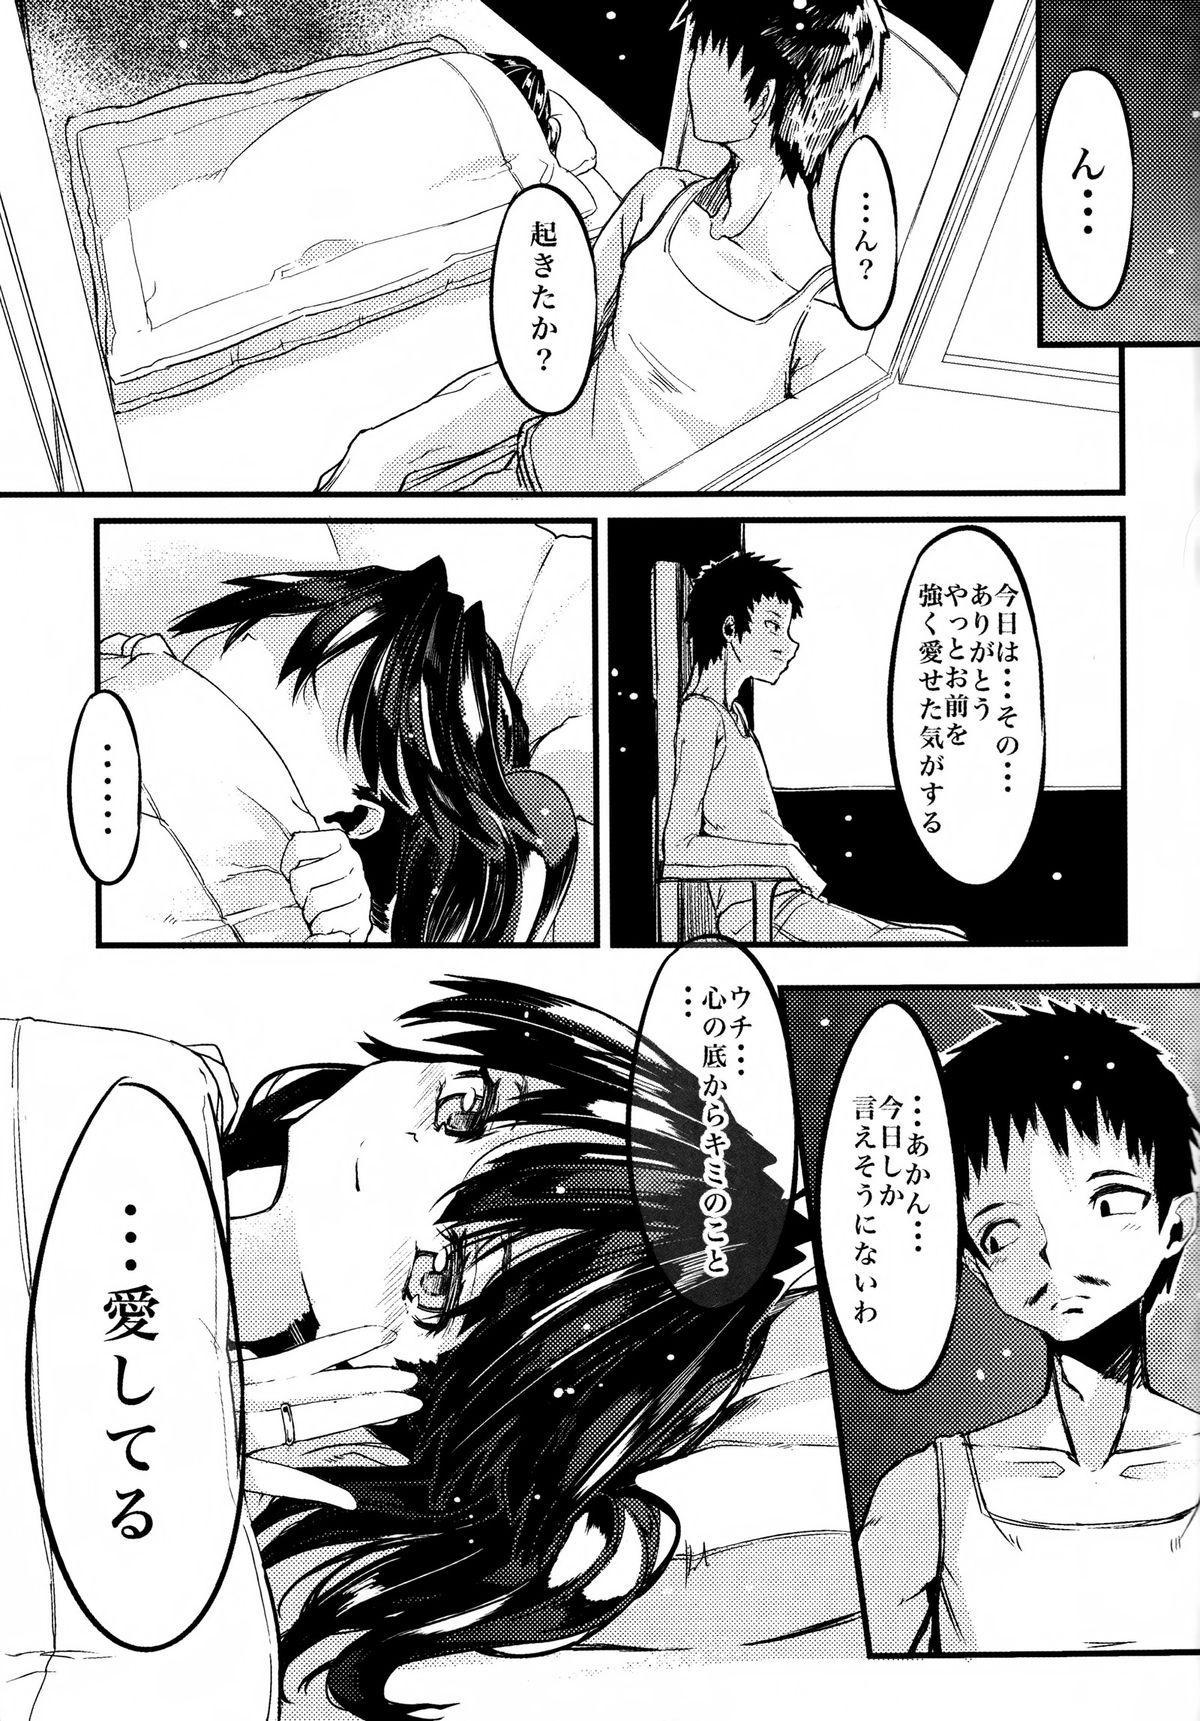 Ryuujou to Junai shi Taosu Hon 23